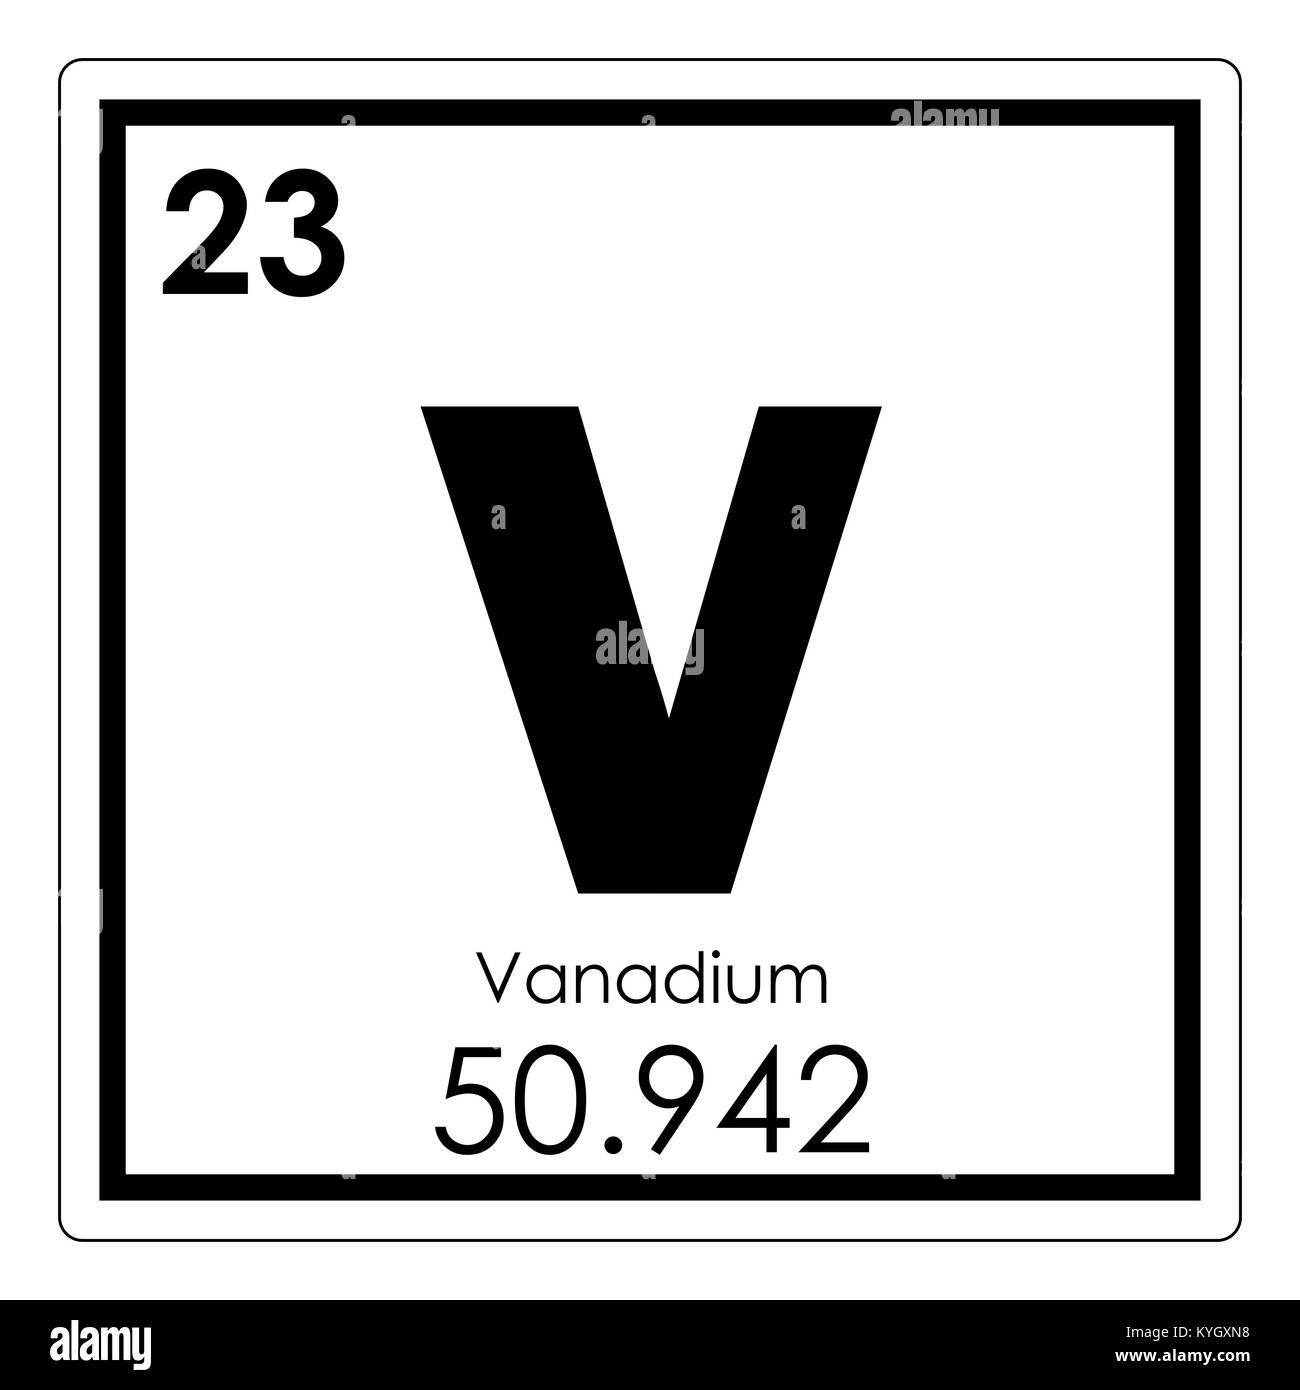 Vanadium chemical element periodic table science symbol stock photo vanadium chemical element periodic table science symbol urtaz Choice Image